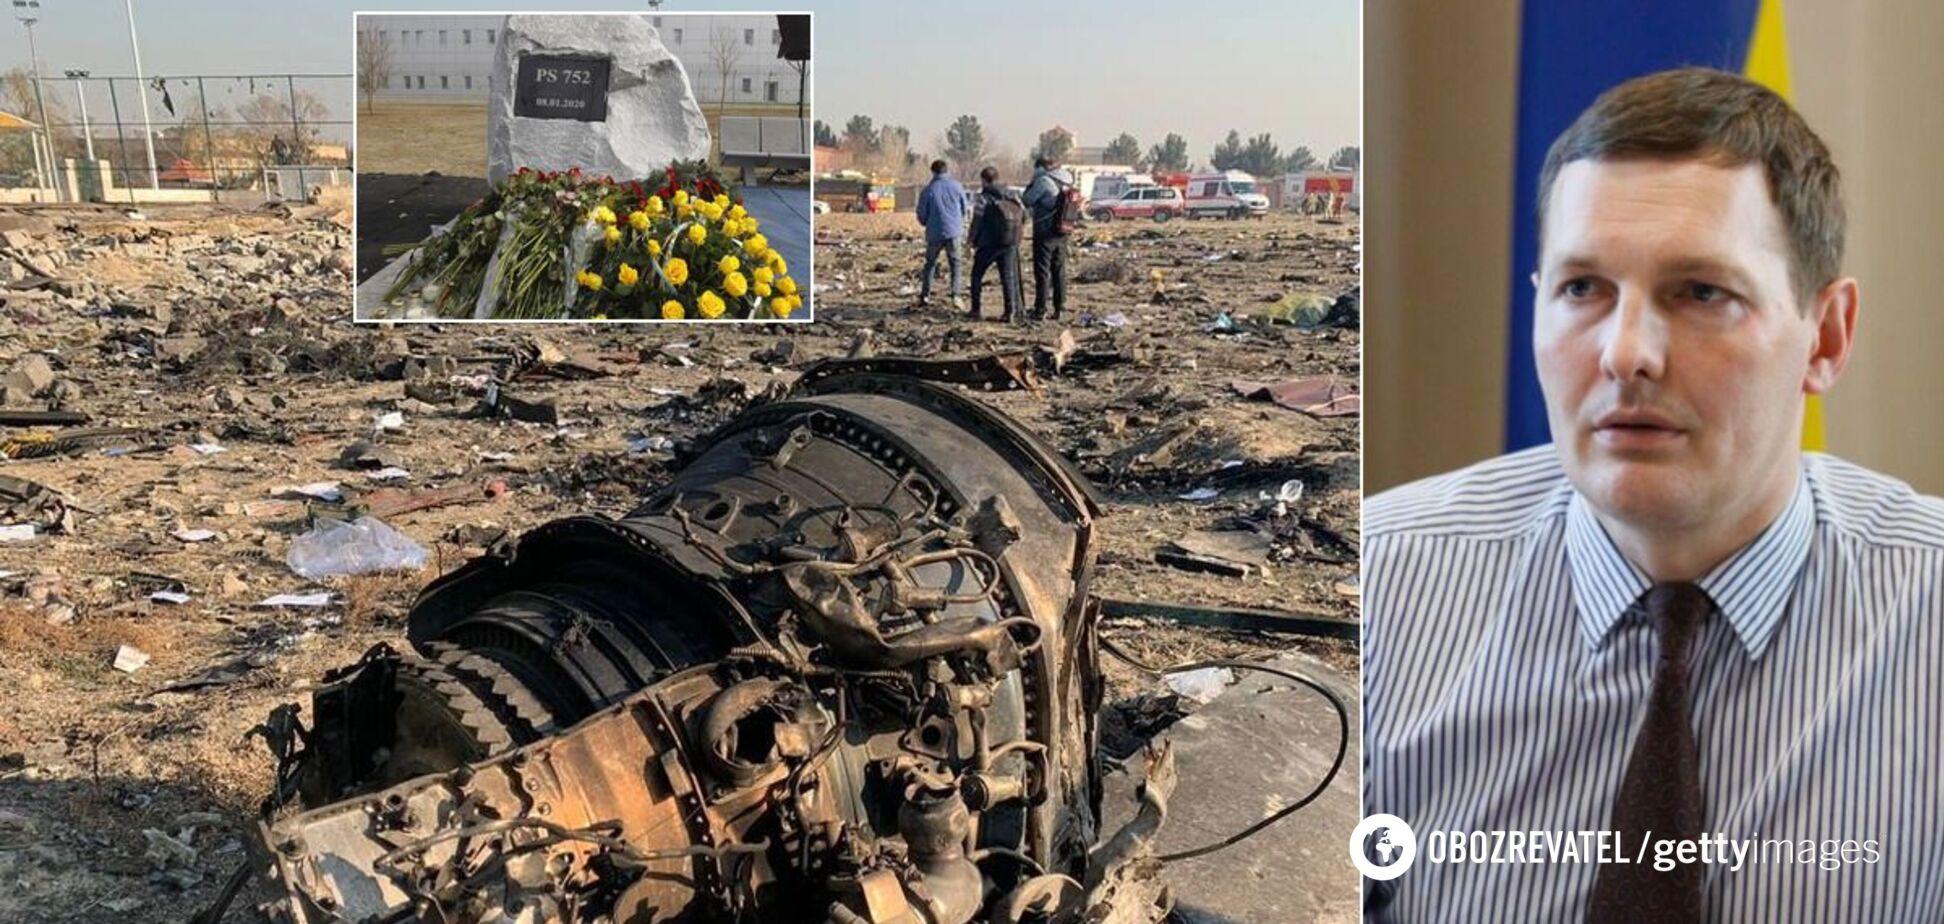 В МИД объяснили важность отчета по катастрофе самолета МАУ, который предоставил Иран